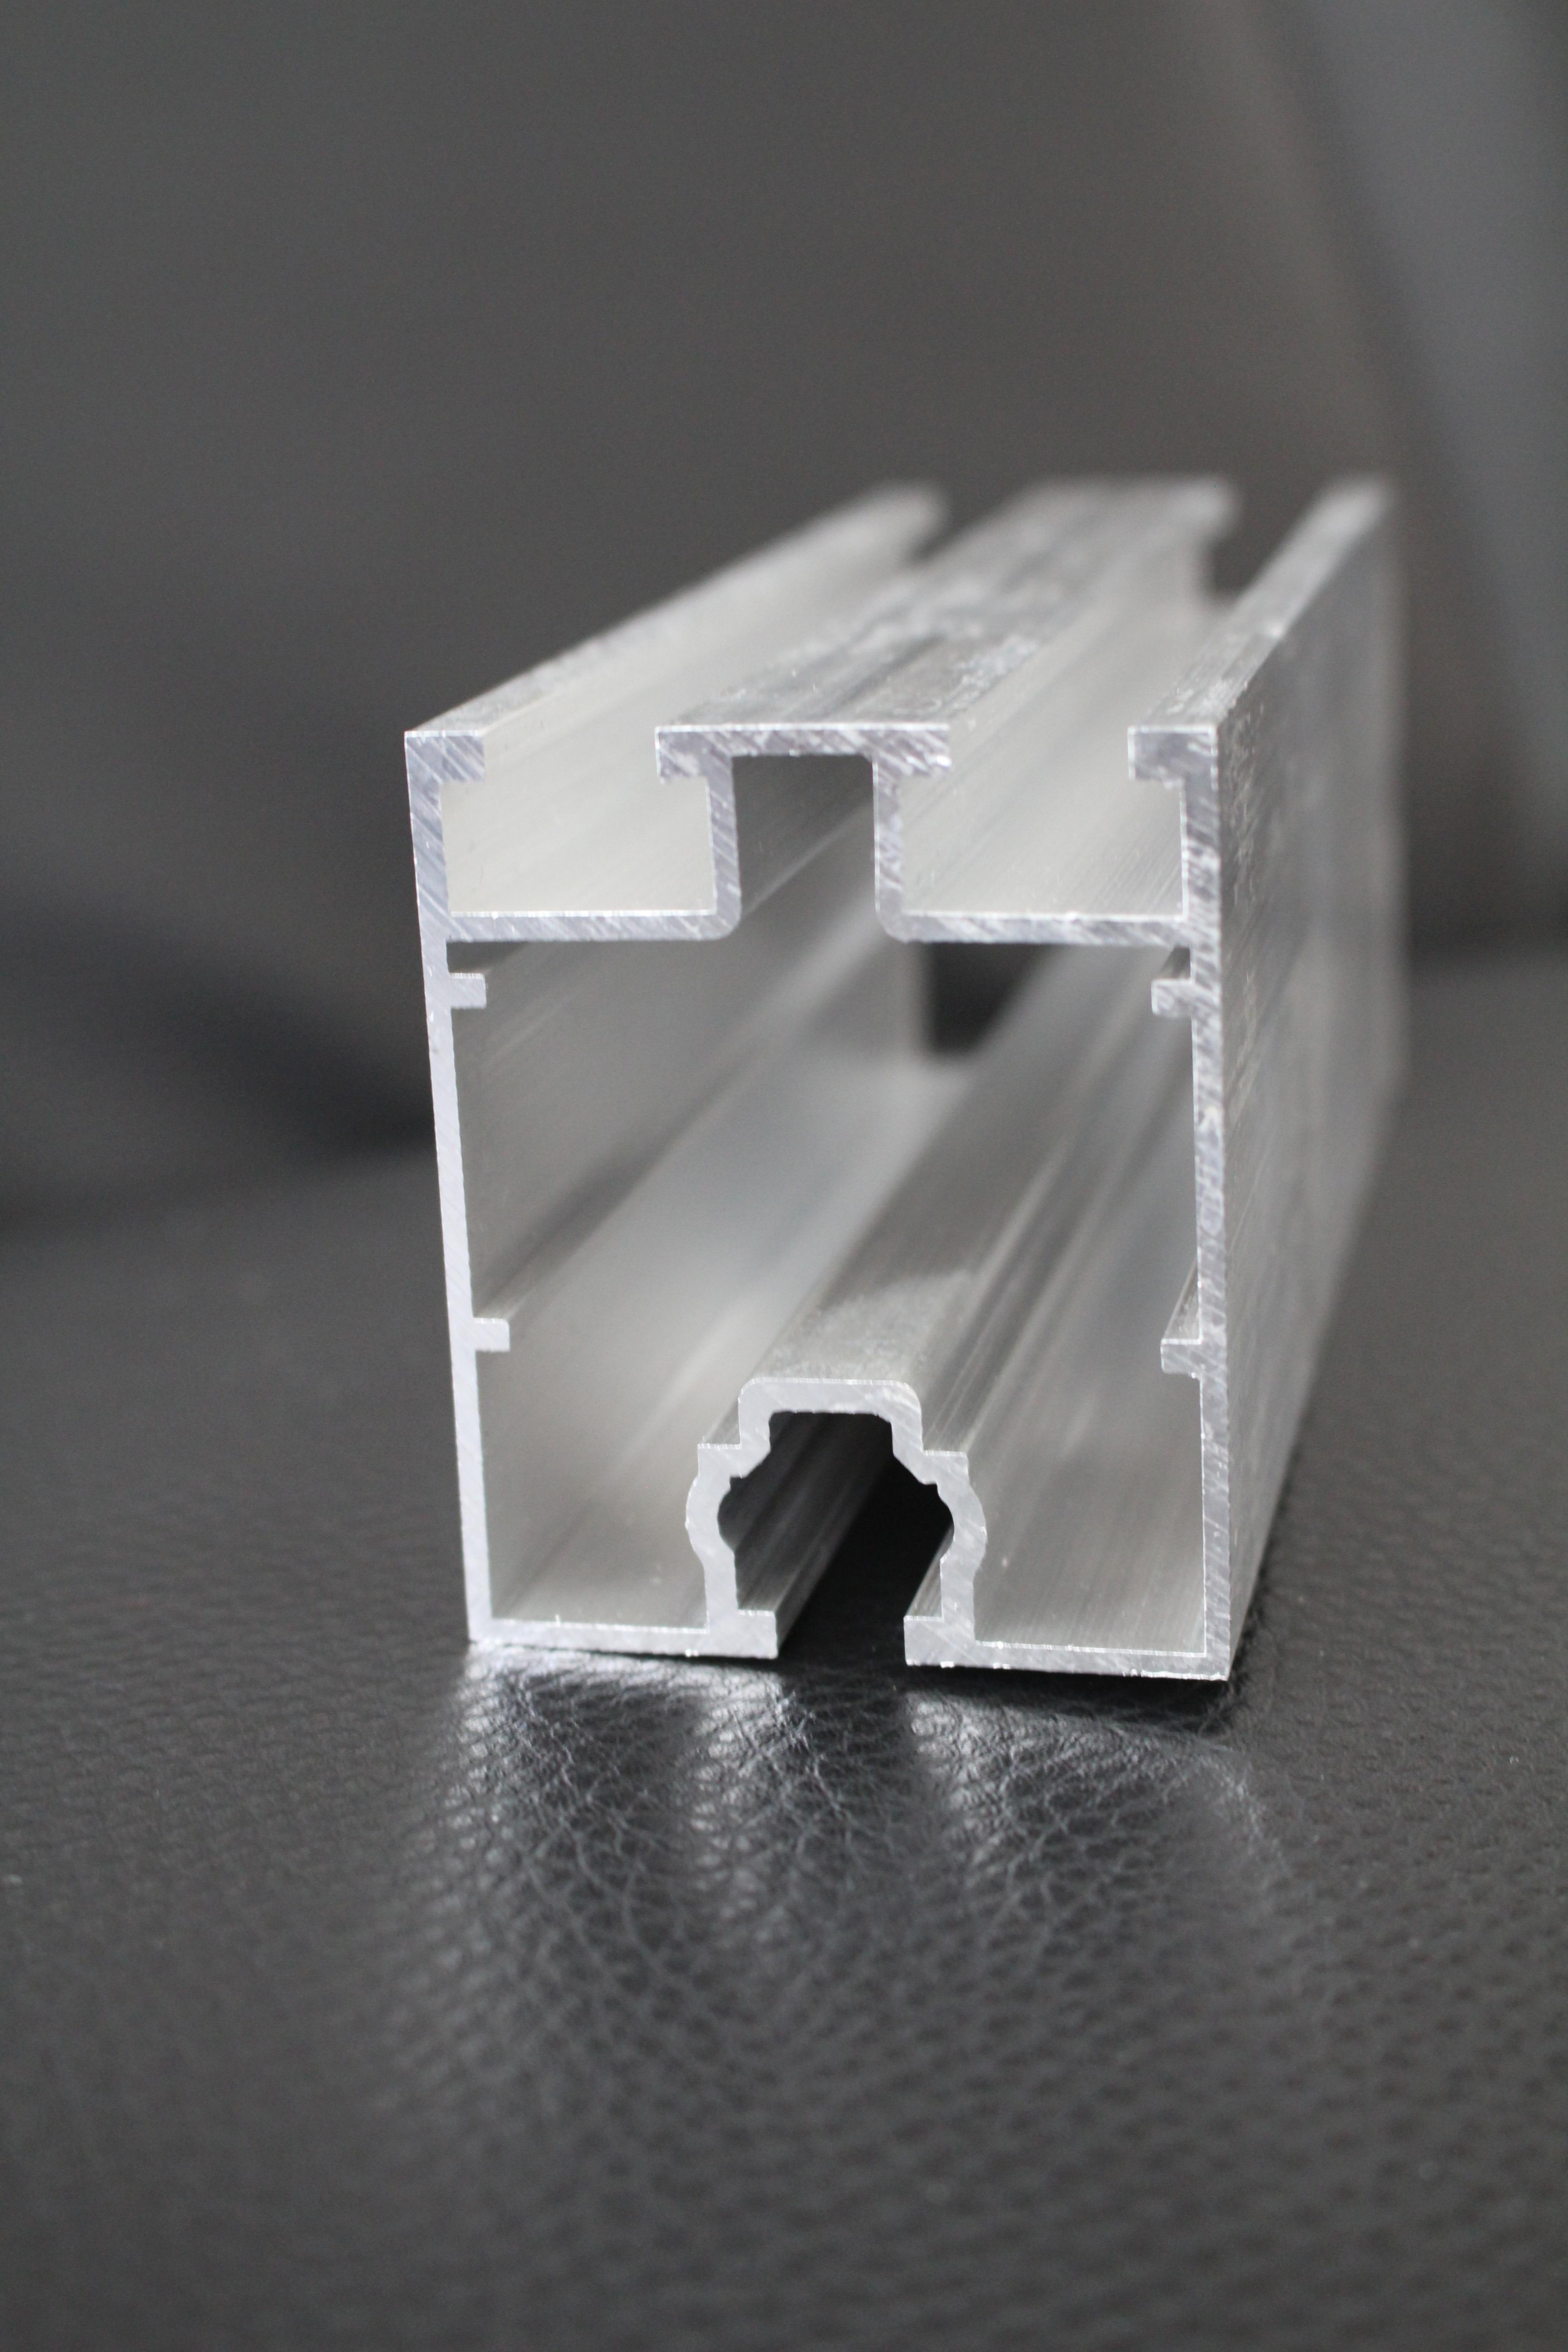 Hliníkové nosné konstrukce pro fotovoltaické panely - 60x50mm